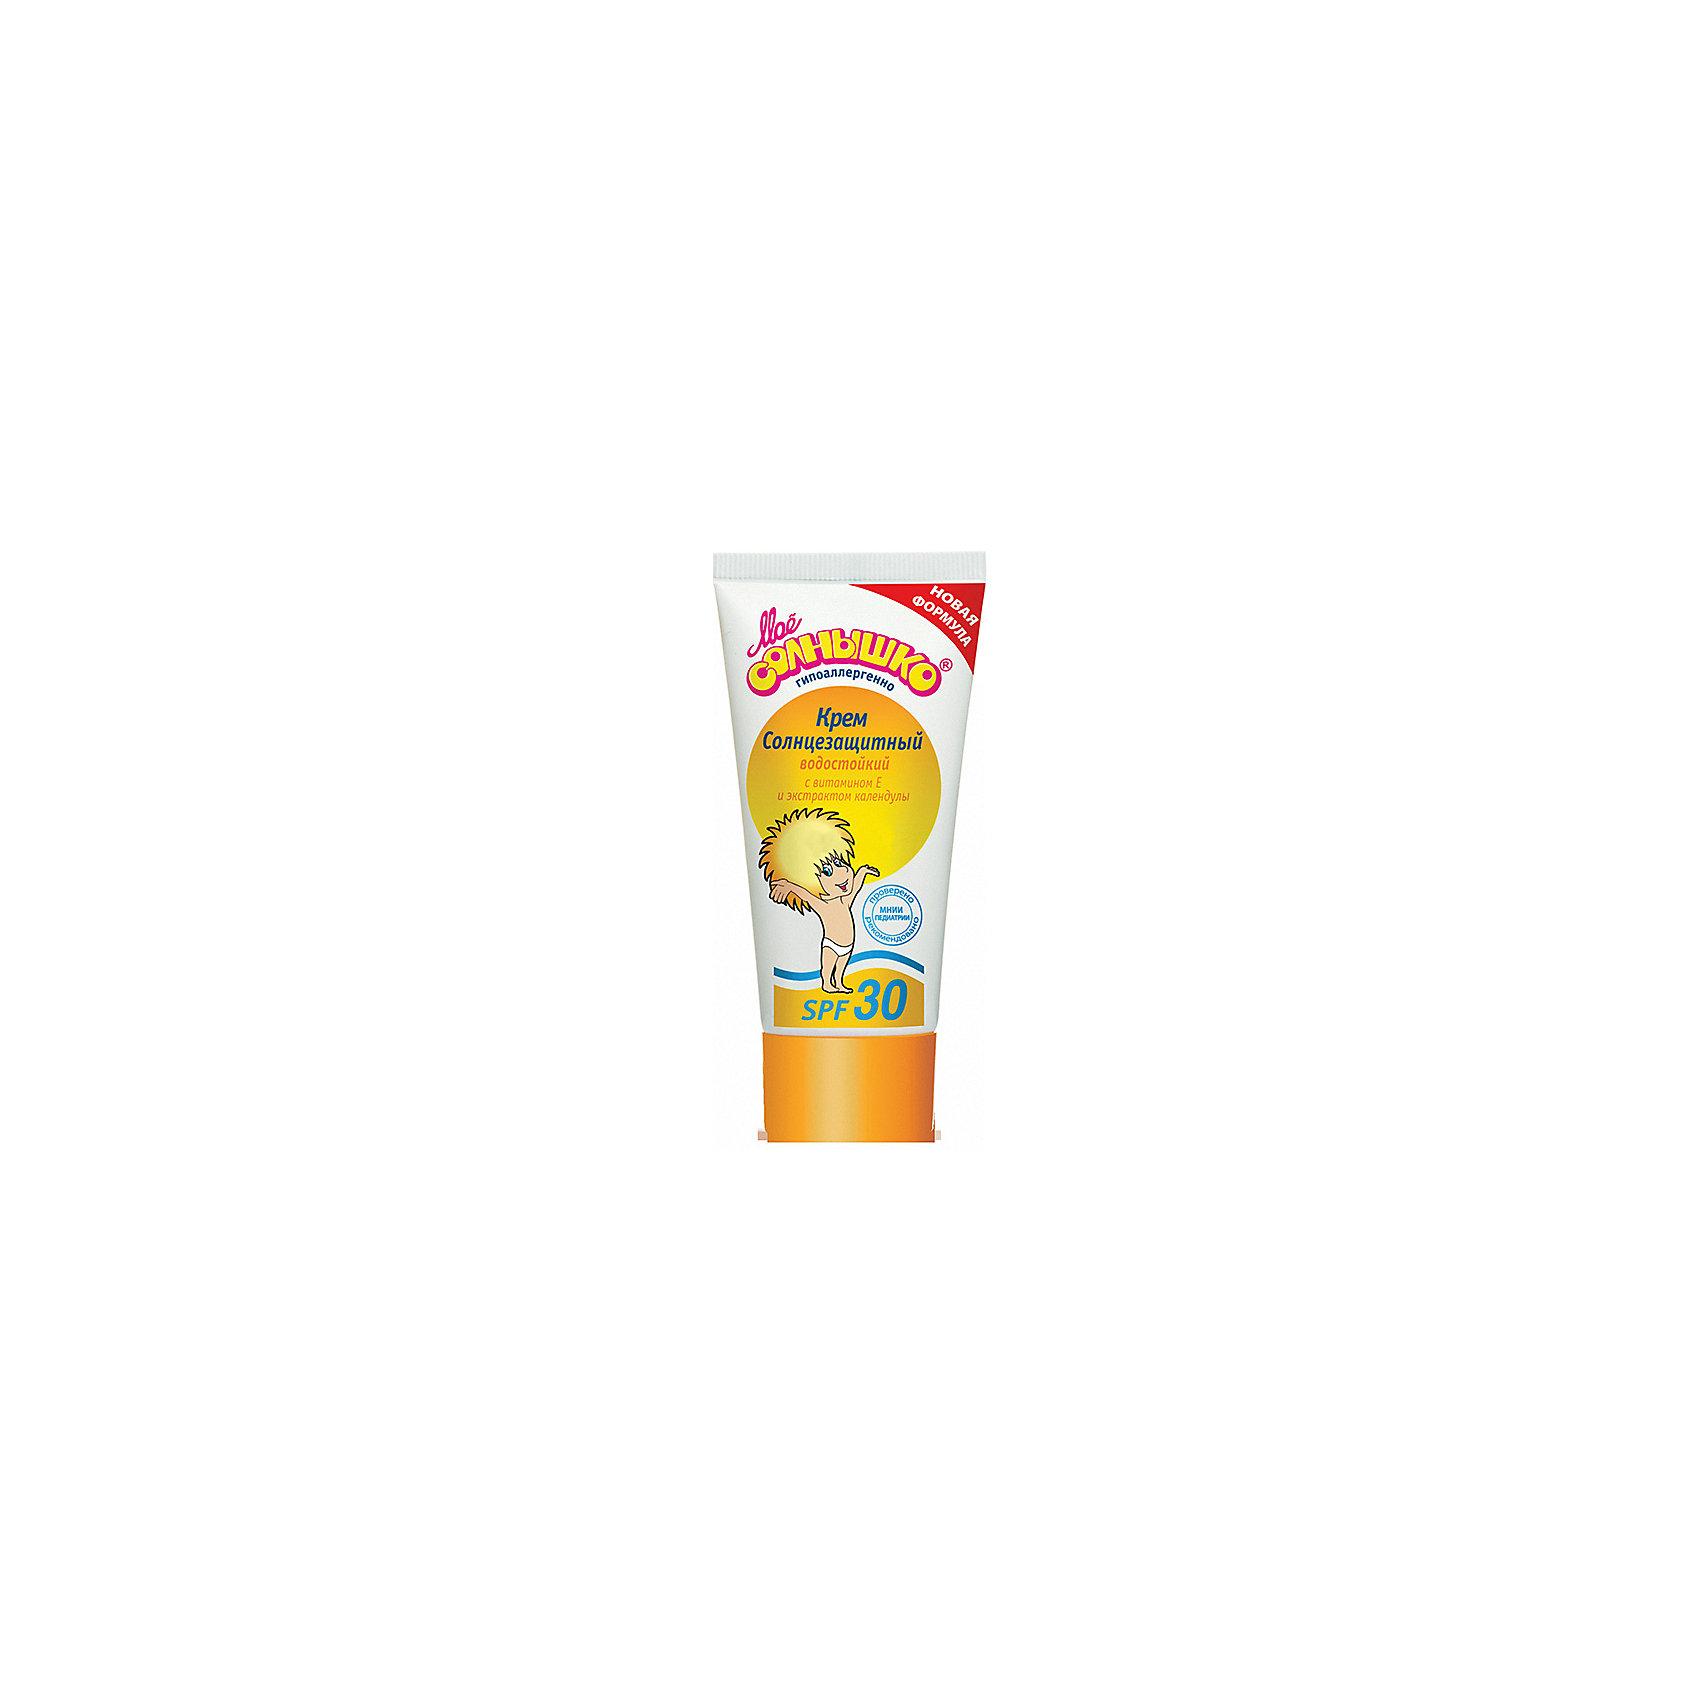 Солнцезащитный крем SPF +30, 55 мл, Моё солнышкоСредства защиты от солнца и насекомых<br>Мое солнышко Крем детский солнцезащитный SPF 30 (55 мл), — солнцезащитный крем с фактором защиты 30 для детей от 3 месяцев. Содержит UVA/UVB-фильтры, ухаживающие увлажняющие кожу компоненты: экстракт календулы, витамин Е.<br><br>Ширина мм: 55<br>Глубина мм: 30<br>Высота мм: 115<br>Вес г: 65<br>Возраст от месяцев: 3<br>Возраст до месяцев: 36<br>Пол: Унисекс<br>Возраст: Детский<br>SKU: 4124466